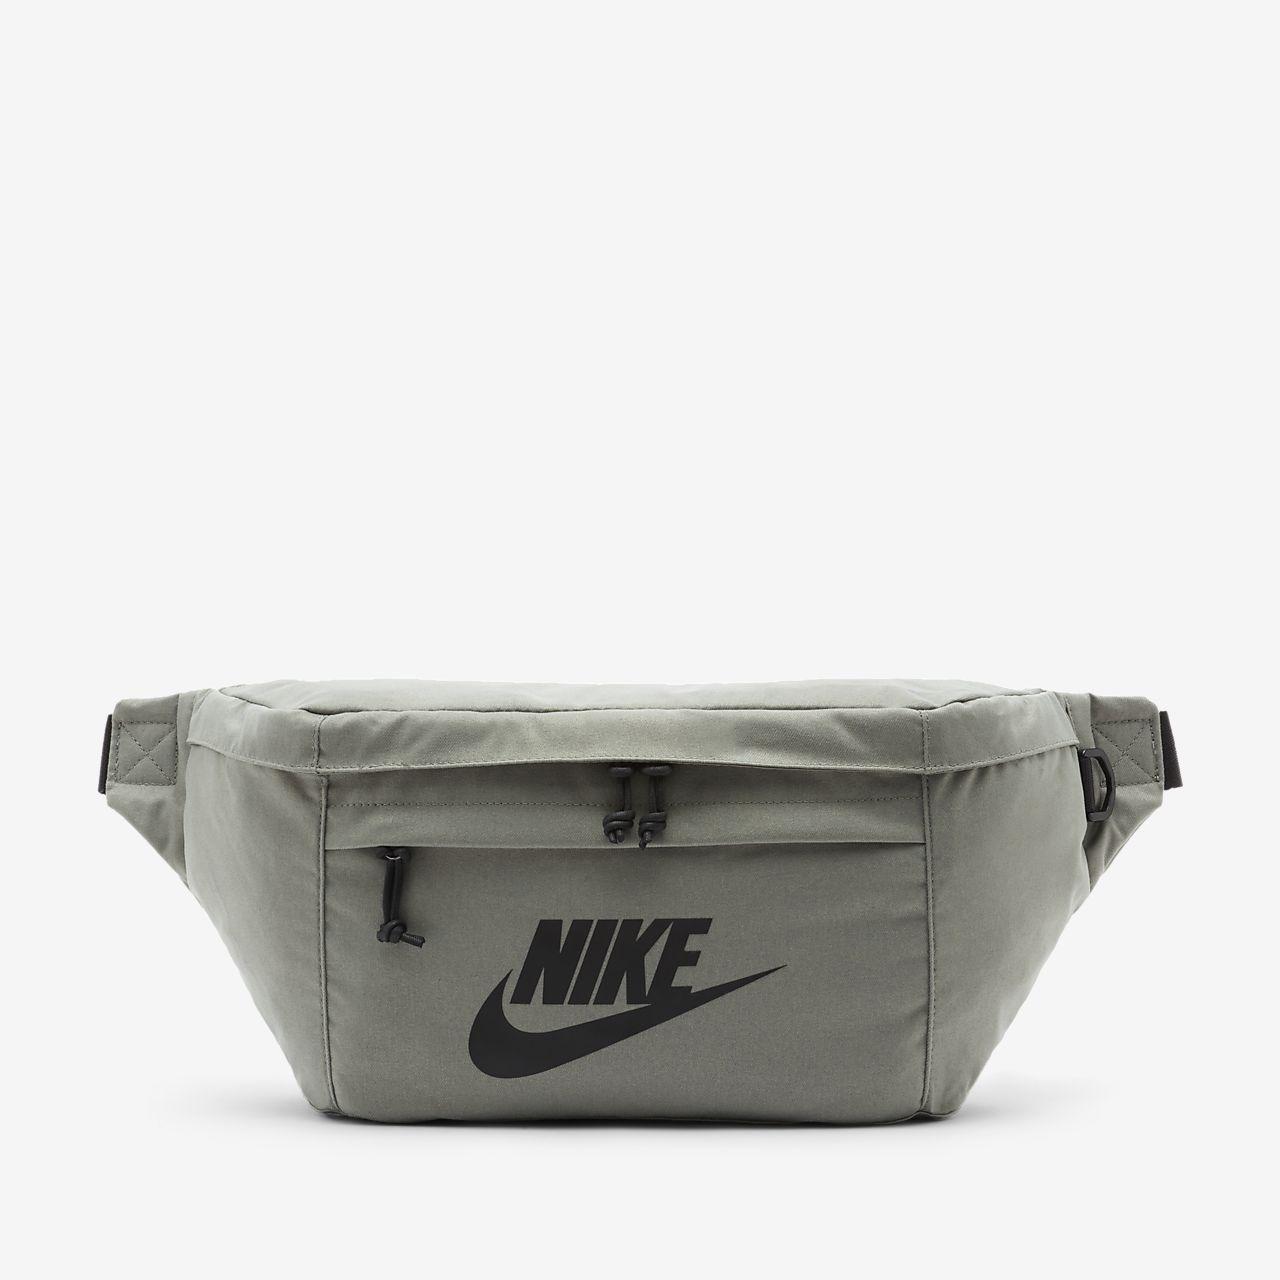 Nike Sac Taille De Vêtements De Sport « Héritage » Gris / Noir CzbiySGviB